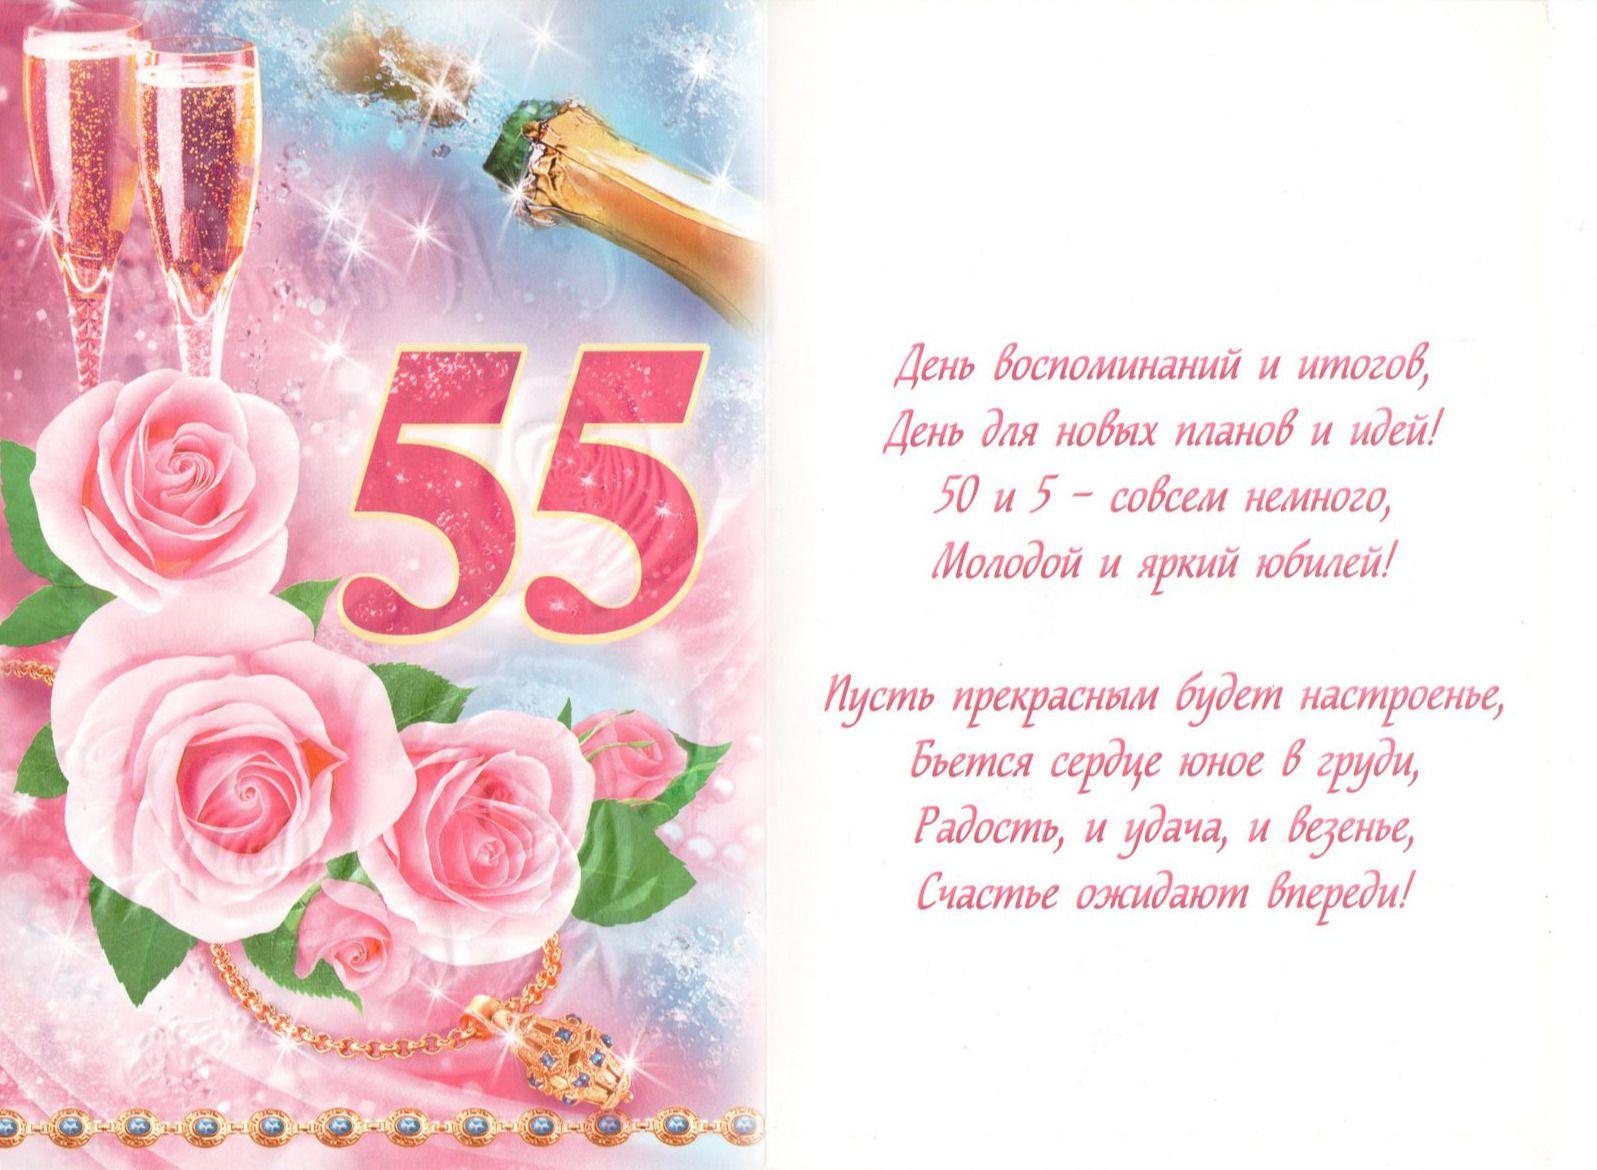 Поздравительные картинки на юбилей 55 лет женщине, одноклассниках спасибо